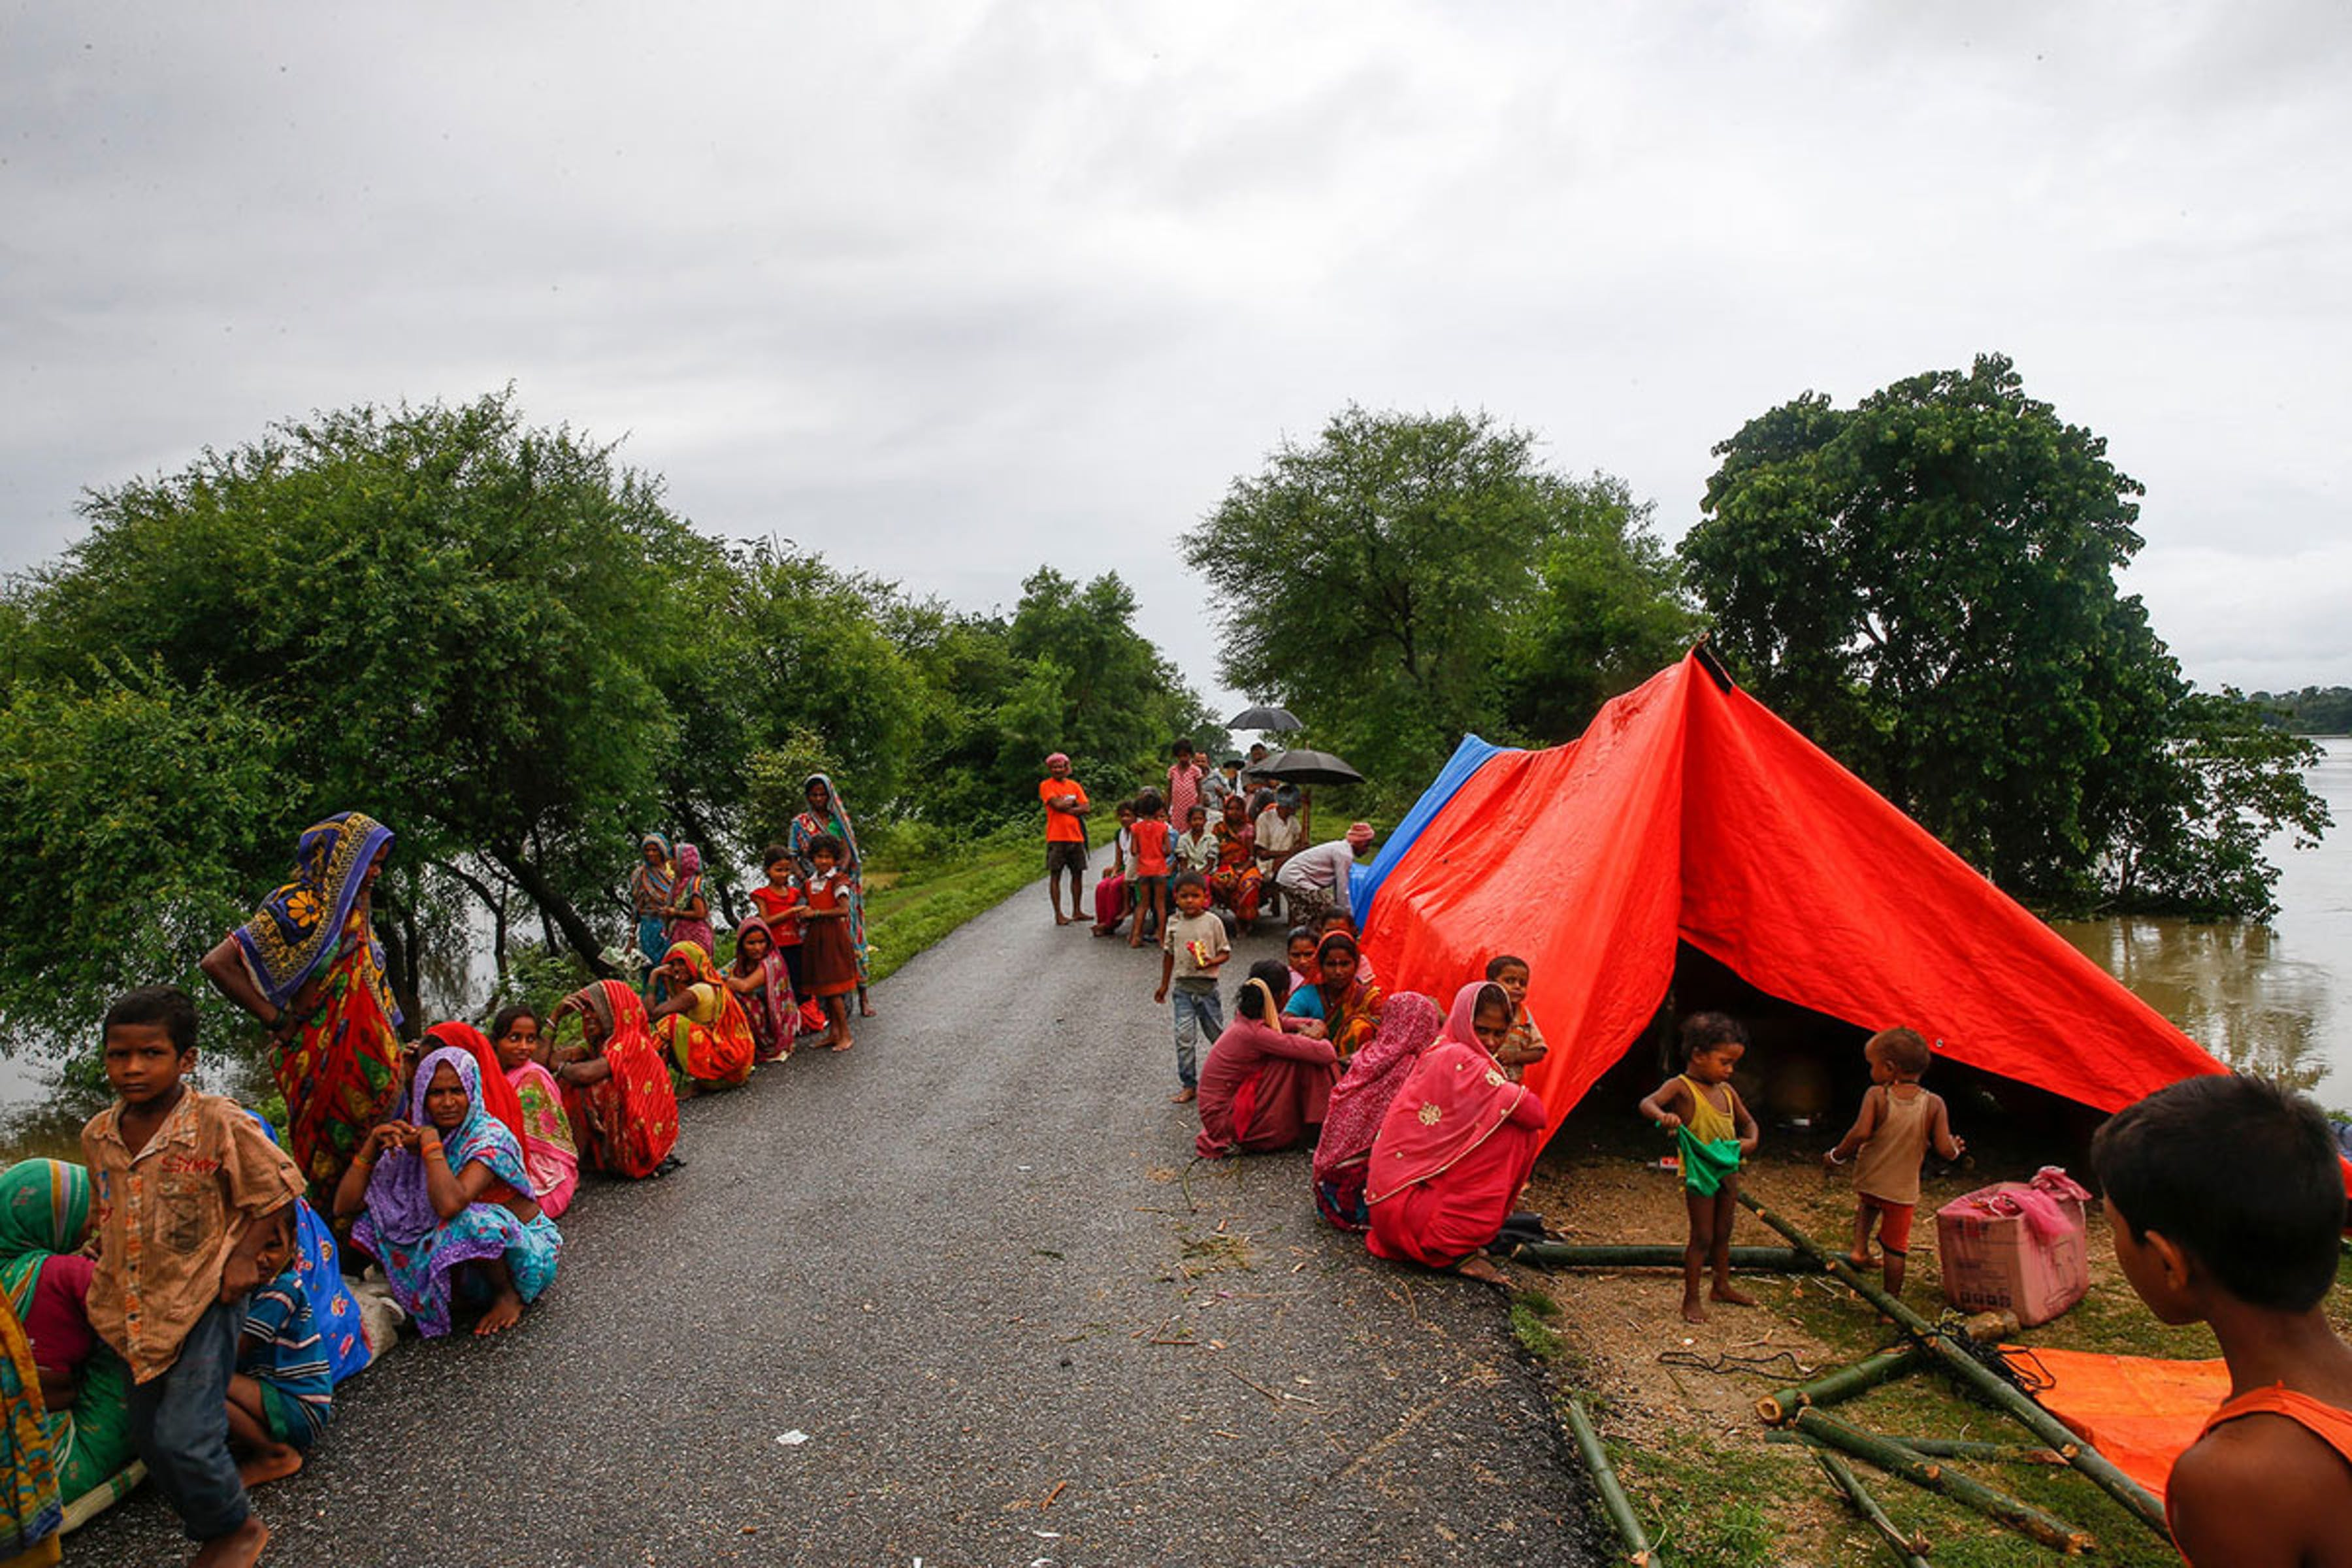 Famiglie accampate ai bordi di una strada dopo le piogge torrenziali di agosto a Kulari, un villaggio nel Nepal orientale - ©UNICEF/UN076169/Shrestha